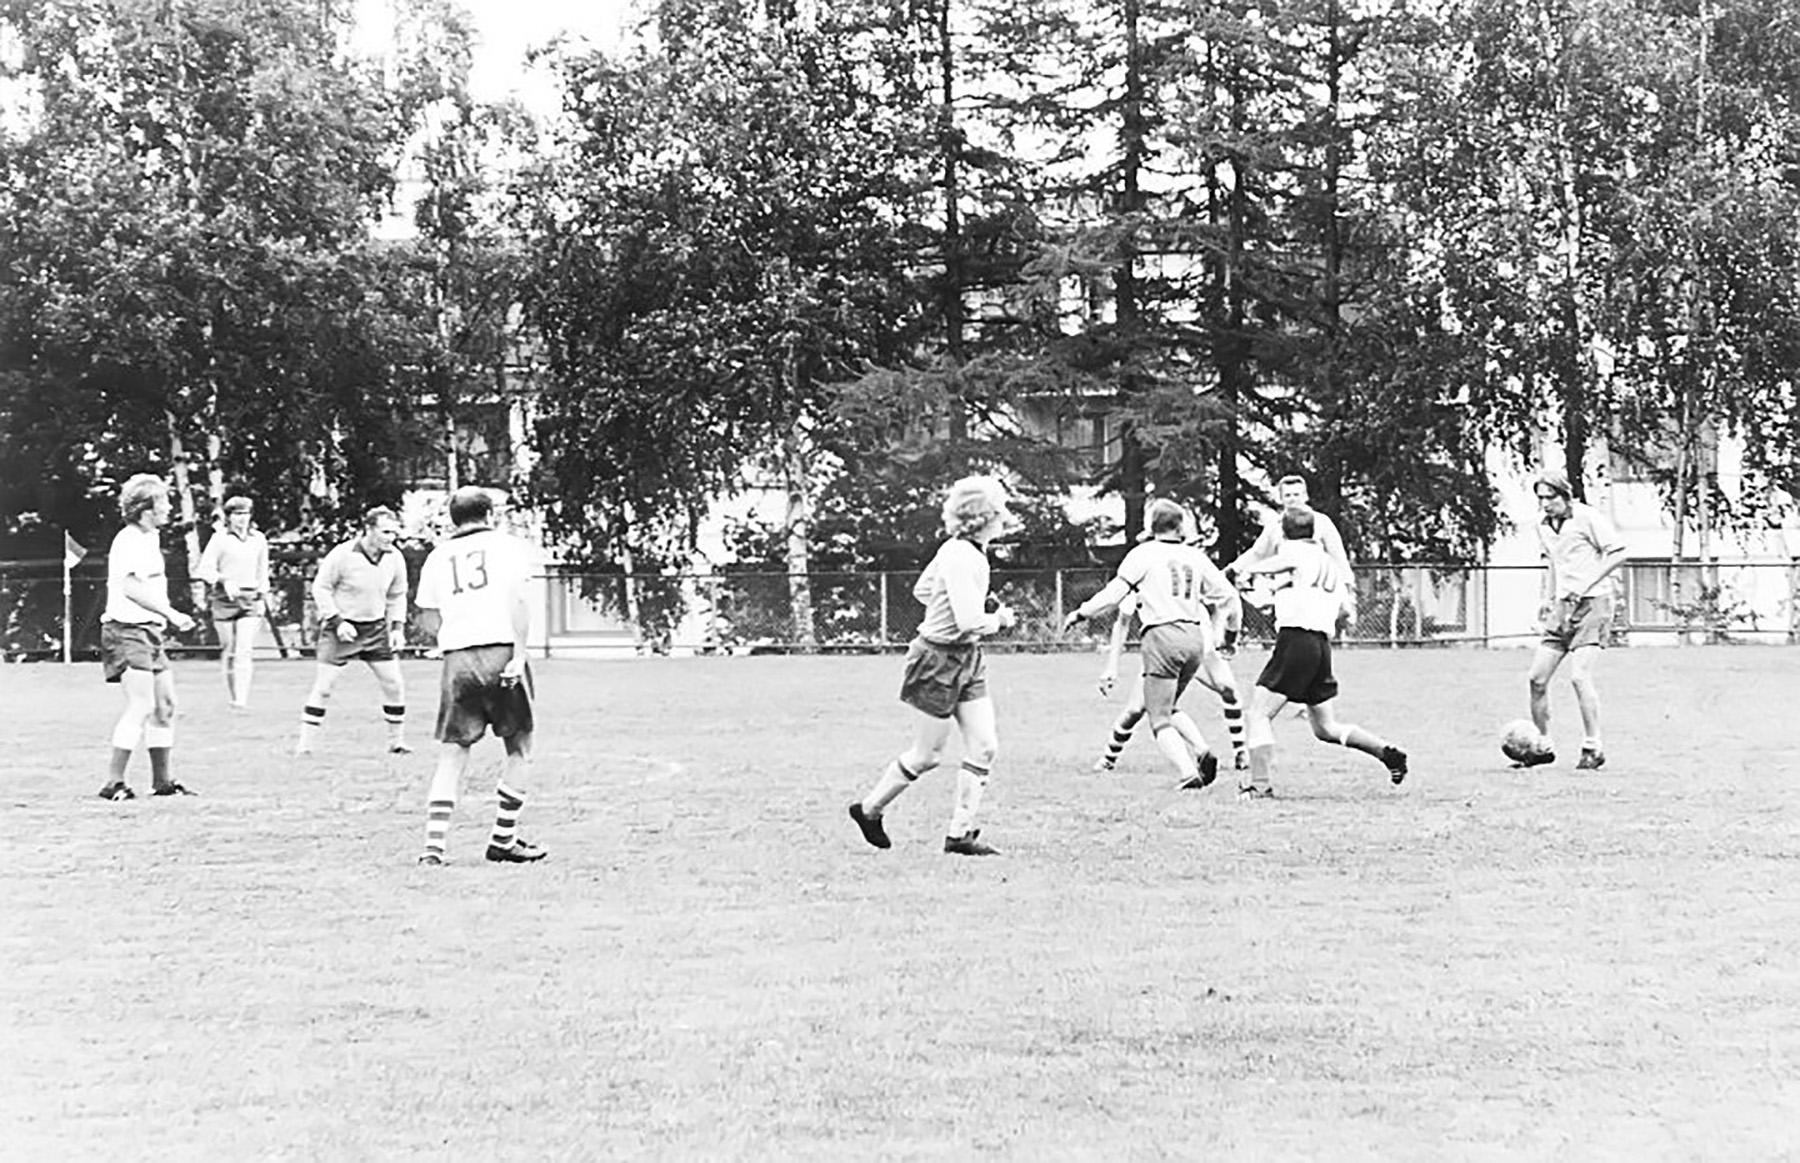 Suomen ja Ruotsin inkeriläisten välinen jalkapallo-ottelu kesäjuhlilla Turussa vuonna 1971. Inkeriläisten sivistyssäätiön kokoelma, kuva 735. CC BY 4.0